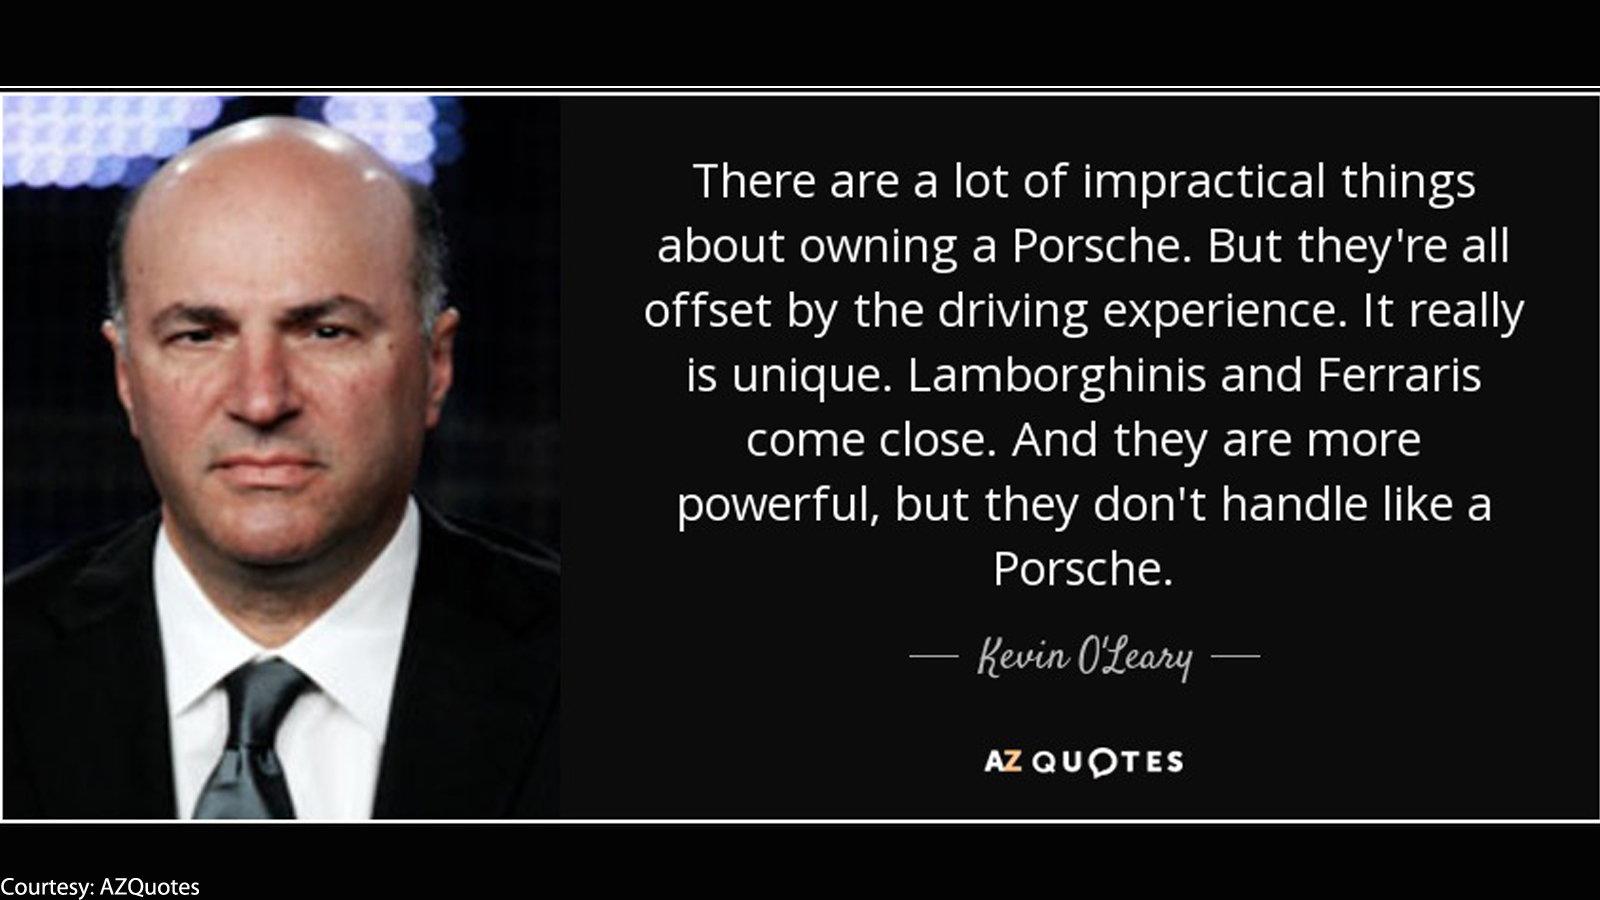 Az Quotes 7 Great Quotes About Porsche  Rennlist